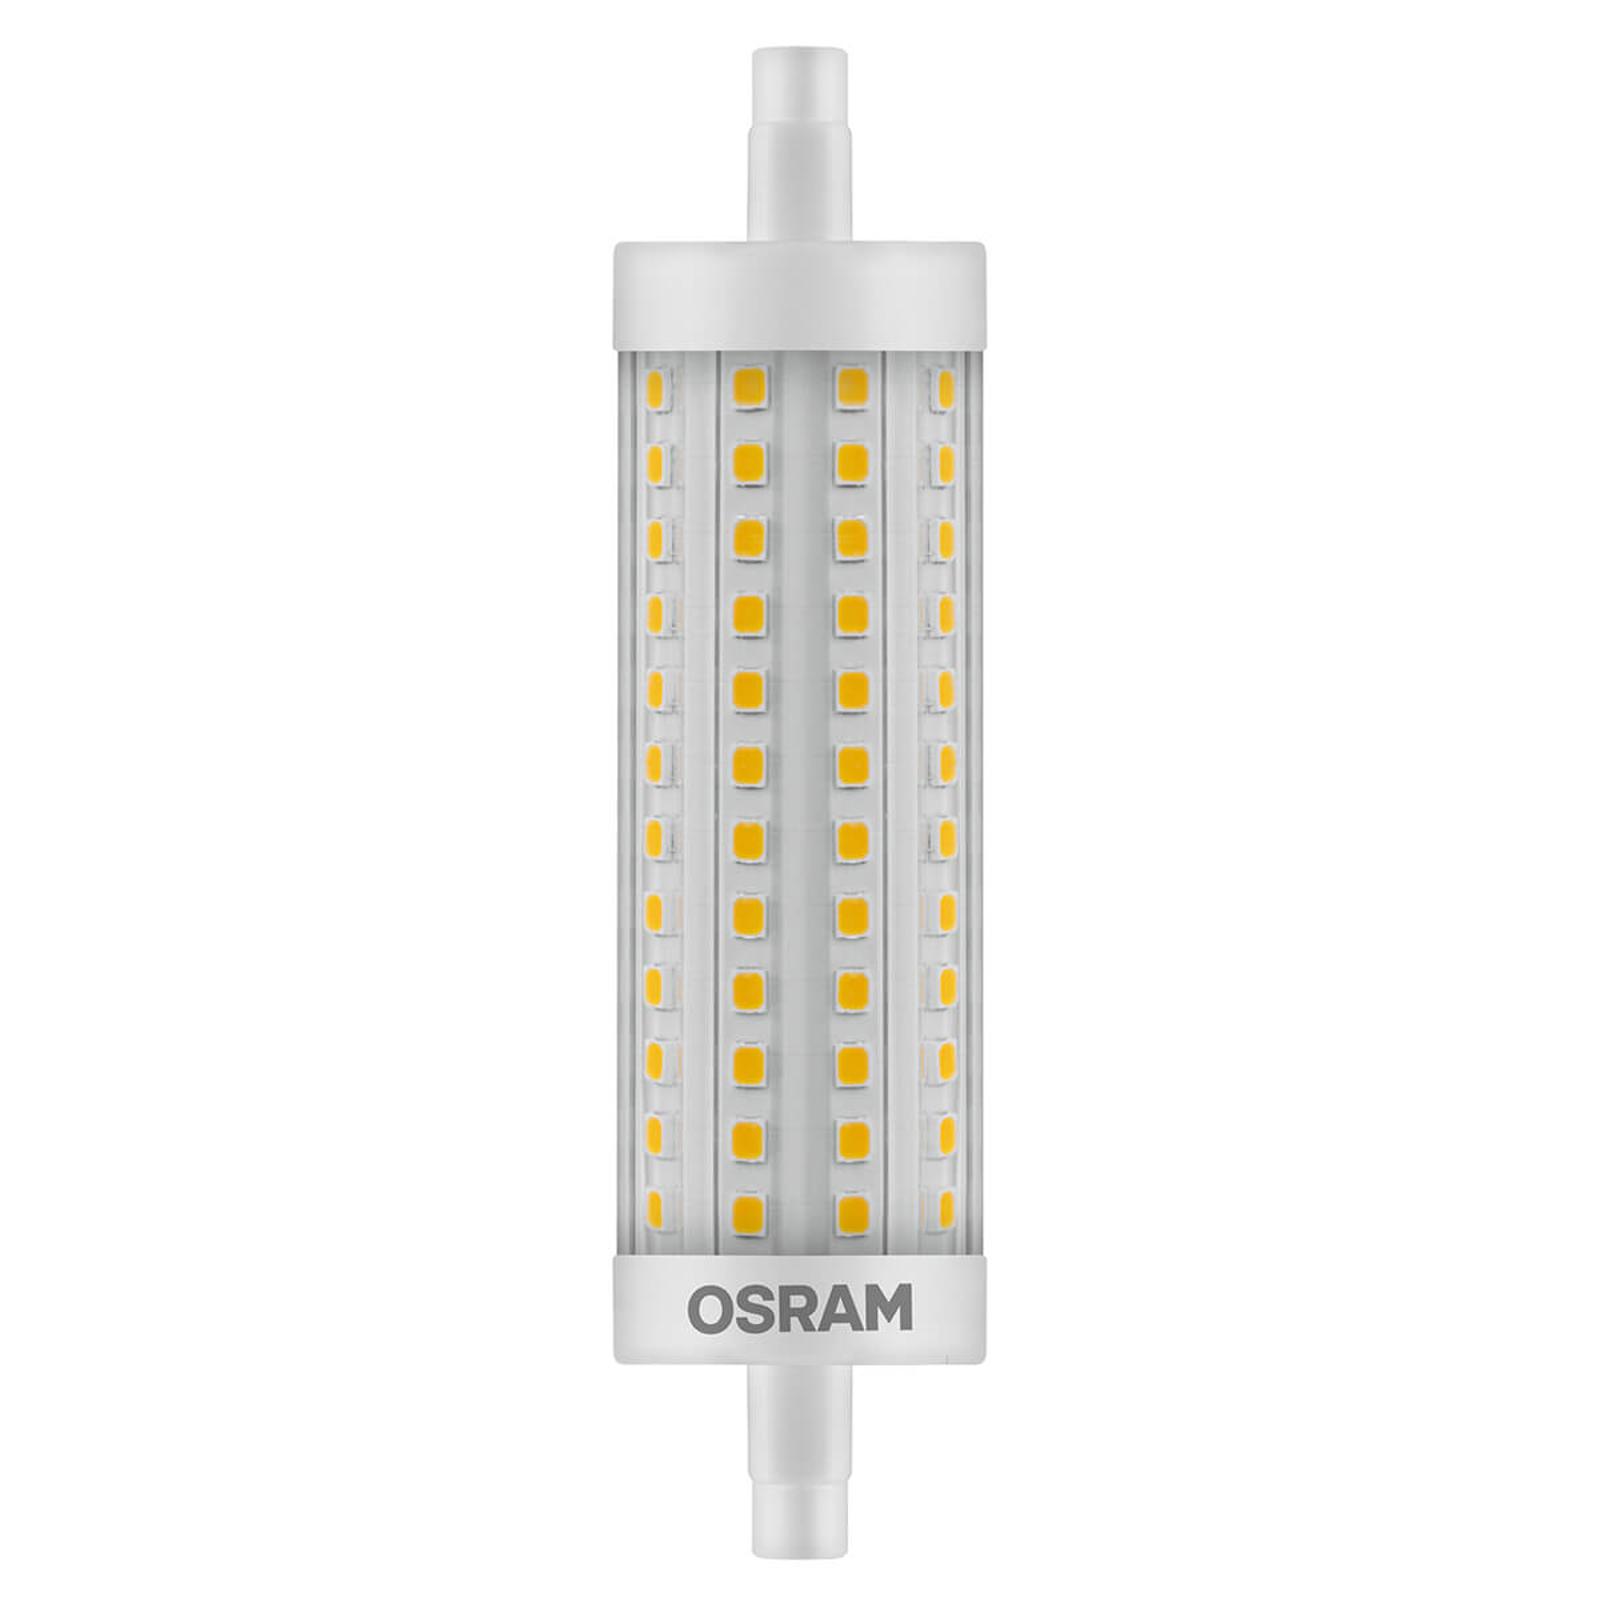 OSRAM LED-Stablampe R7s 15W, warmweiß, 2.000 lm